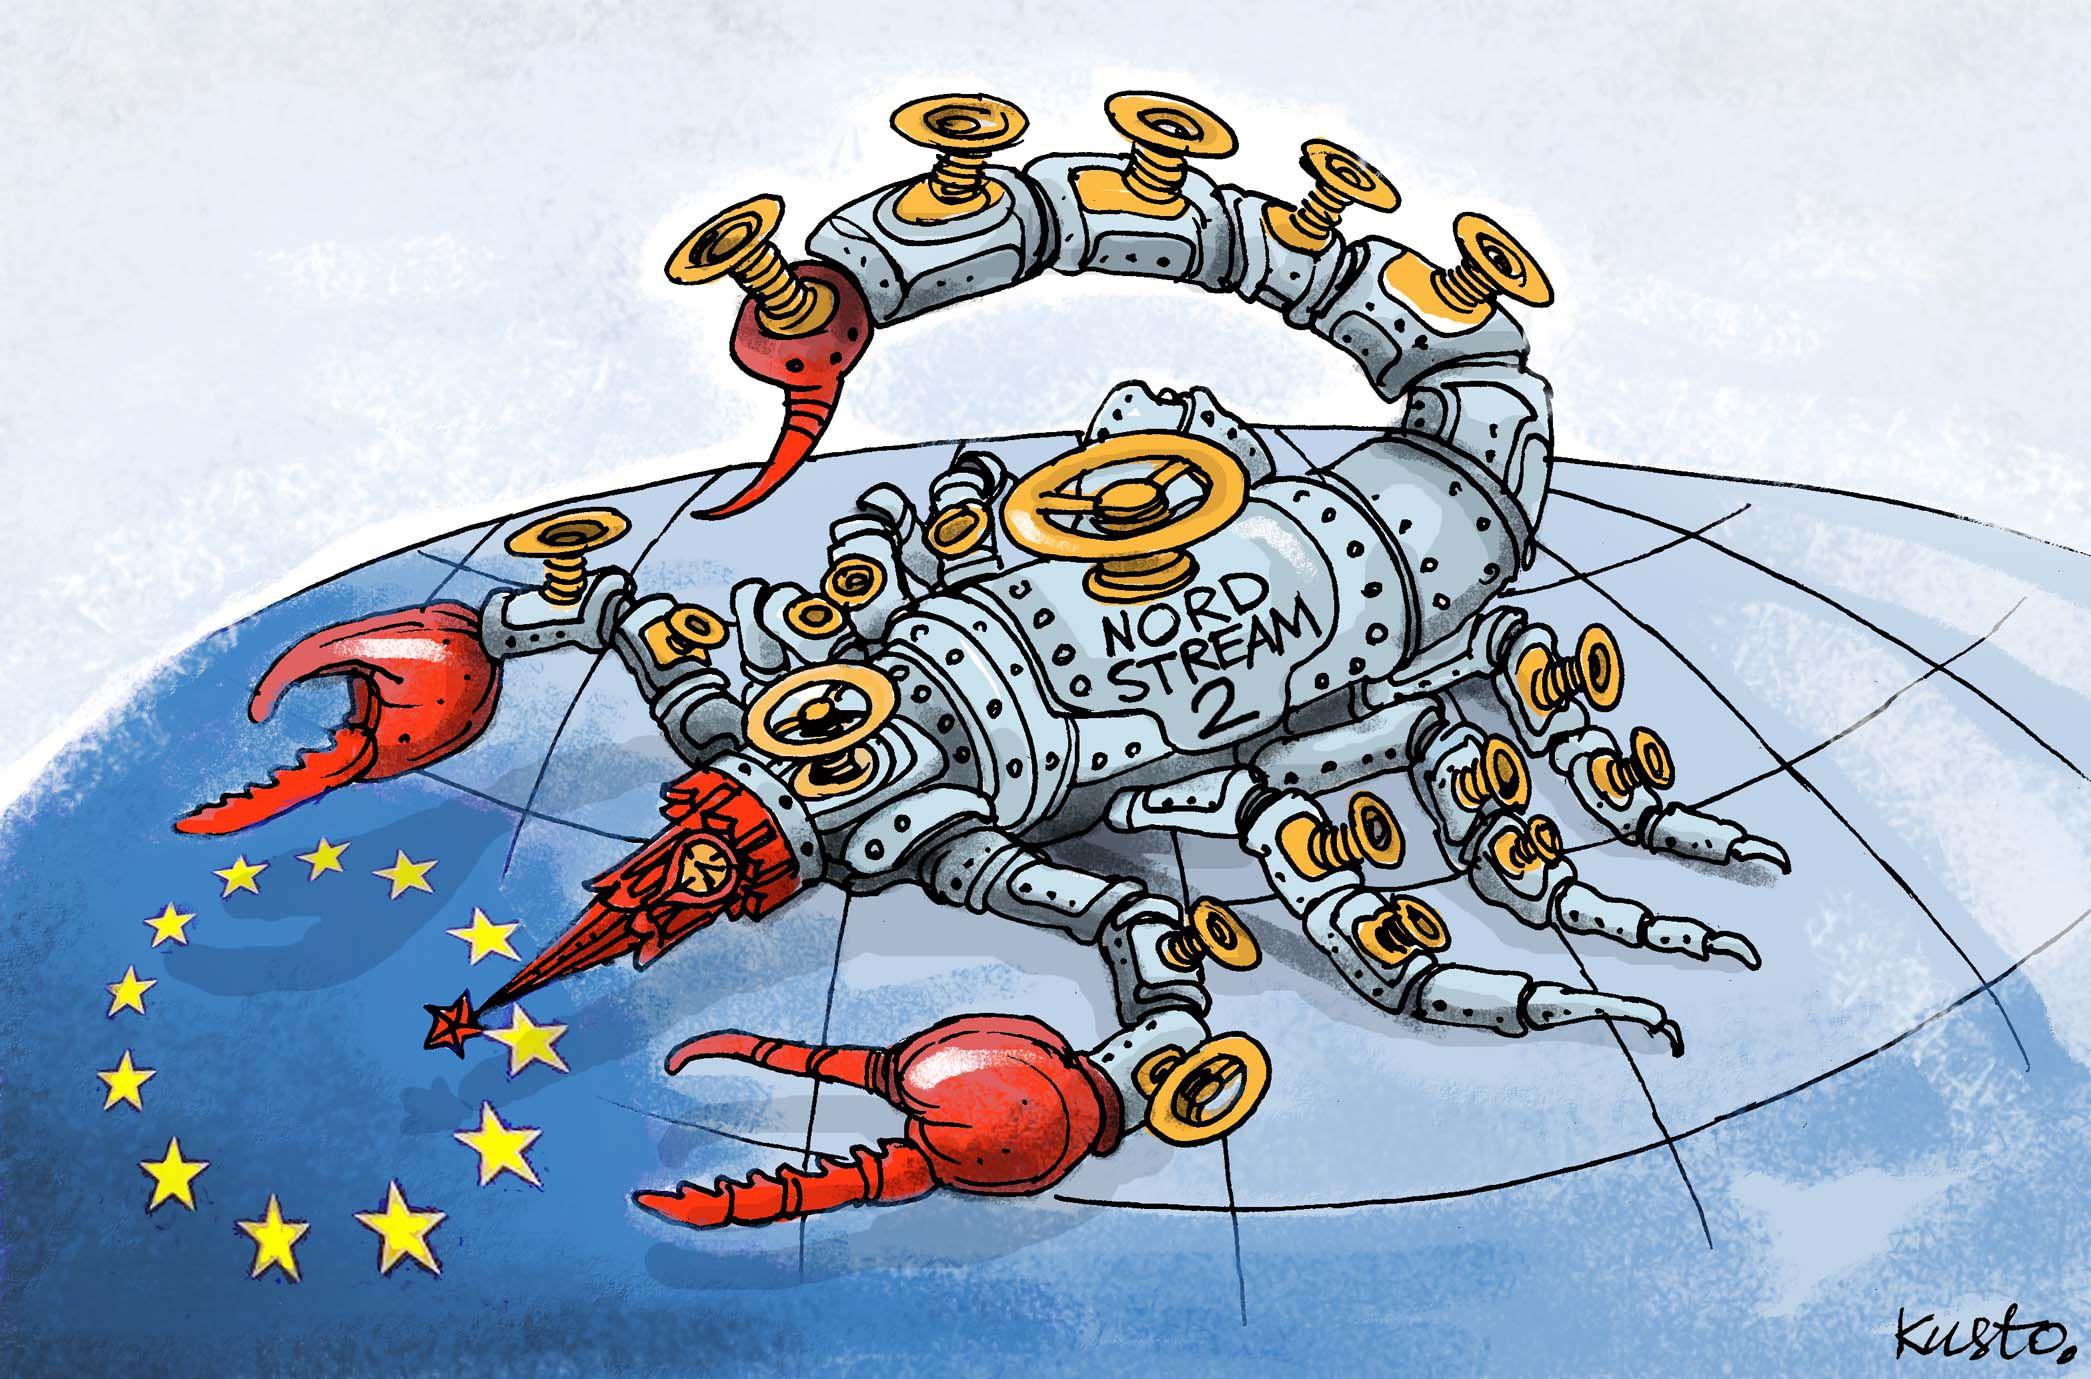 Небезпека «Північного потоку-2» у тім, що це не економічний проект, а засіб тиску Кремля